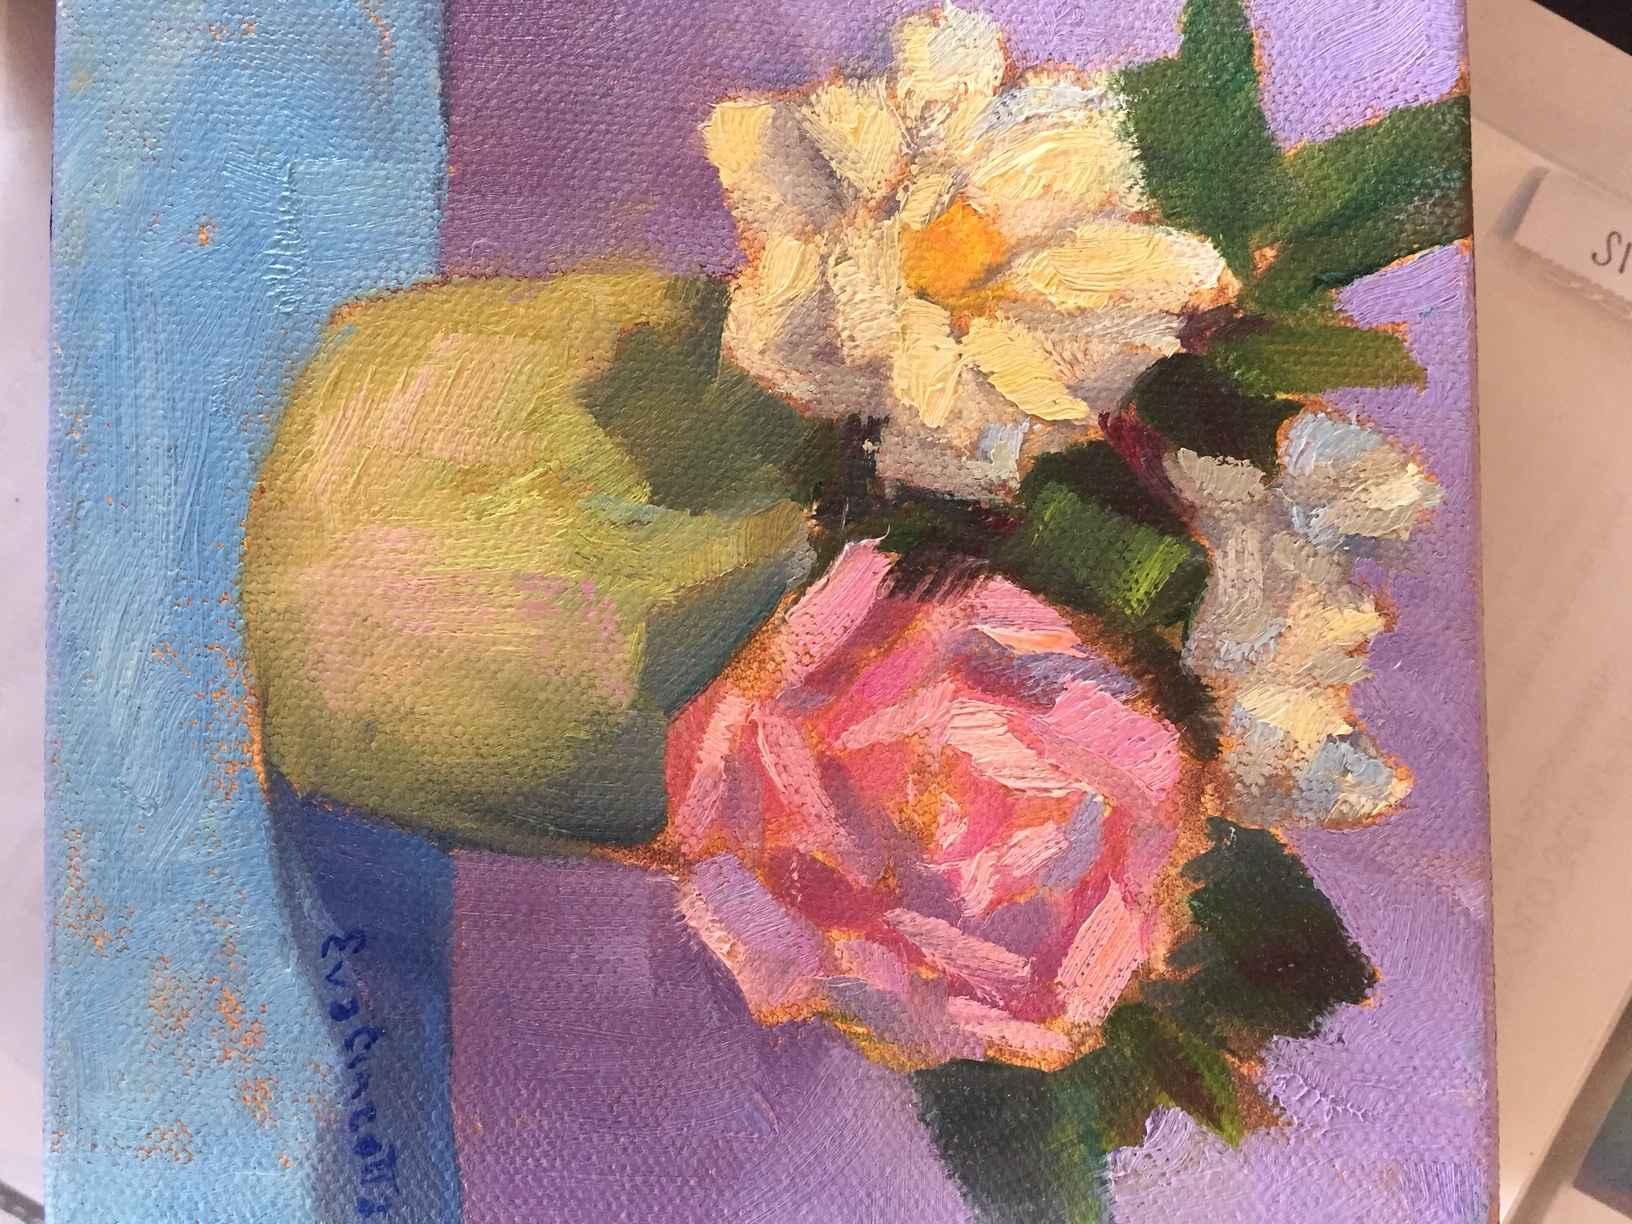 Cheery Bouquet by  Eva Cincotta - Masterpiece Online